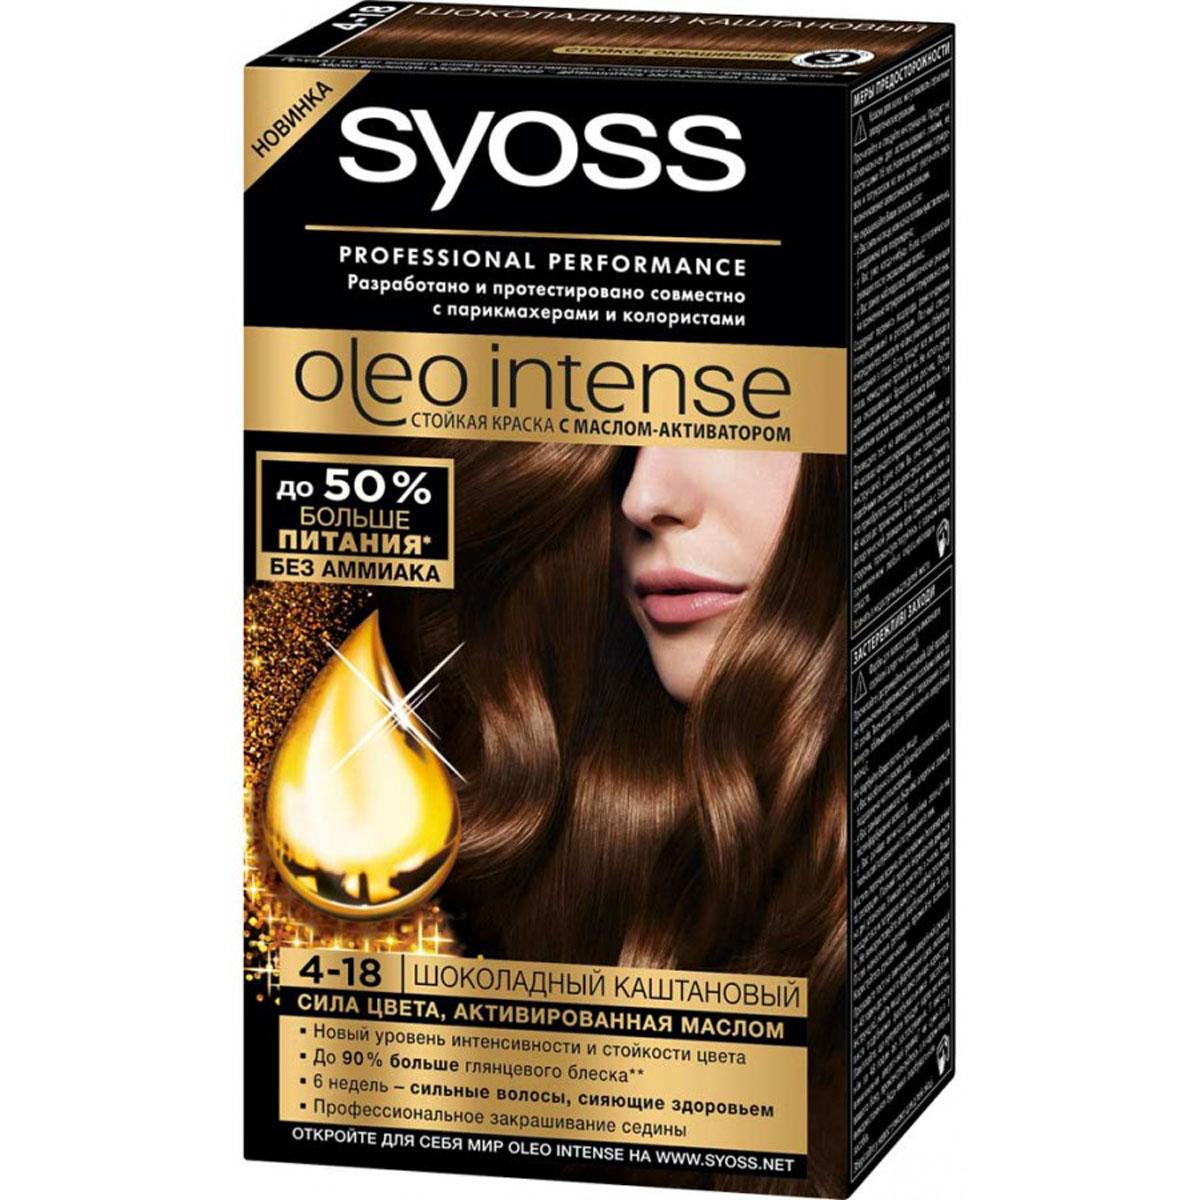 Syoss Краска для волос Oleo Intense, 4-18. Шоколадный каштановый93935007Краска для волос Syoss Oleo Intense - первая стойкая крем-маска на основе масла-активатора, без аммиака и со 100% чистыми маслами - для высокой интенсивности и стойкости цвета, профессионального закрашивания седины и до 90% больше блеска. Насыщенная формула крем-масла наносится без подтеков. 100% чистые масла работают как усилитель цвета: технология Oleo Intense использует силу и свойство масел максимизировать действие красителя. Абсолютно без аммиака, для оптимального комфорта кожи головы. Одновременно краска обеспечивает экстра-восстановление волос питательными маслами, делая волосы до 40% более мягкими. Волосы выглядят здоровыми и сильными 6 недель. Характеристики: Номер краски: 4-18. Цвет: шоколадный каштановый. Степень стойкости: 3 (обеспечивает стойкое окрашивание). Объем тюбика с окрашивающим кремом: 50 мл. Объем флакона-аппликатора с проявляющей эмульсией: 50 мл. Объем кондиционера: 15 мл. Производитель: Германия. В комплекте: 1 тюбик с ухаживающим окрашивающим кремом, 1 флакон-аппликатор с проявителем, 1 саше с кондиционером, 1 пара перчаток, инструкция по применению. Товар сертифицирован.ВНИМАНИЕ! Продукт может вызвать аллергическую реакцию, которая в редких случаях может нанести серьезный вред вашему здоровью. Проконсультируйтесь с врачом-специалистом передприменениемлюбых окрашивающих средств.